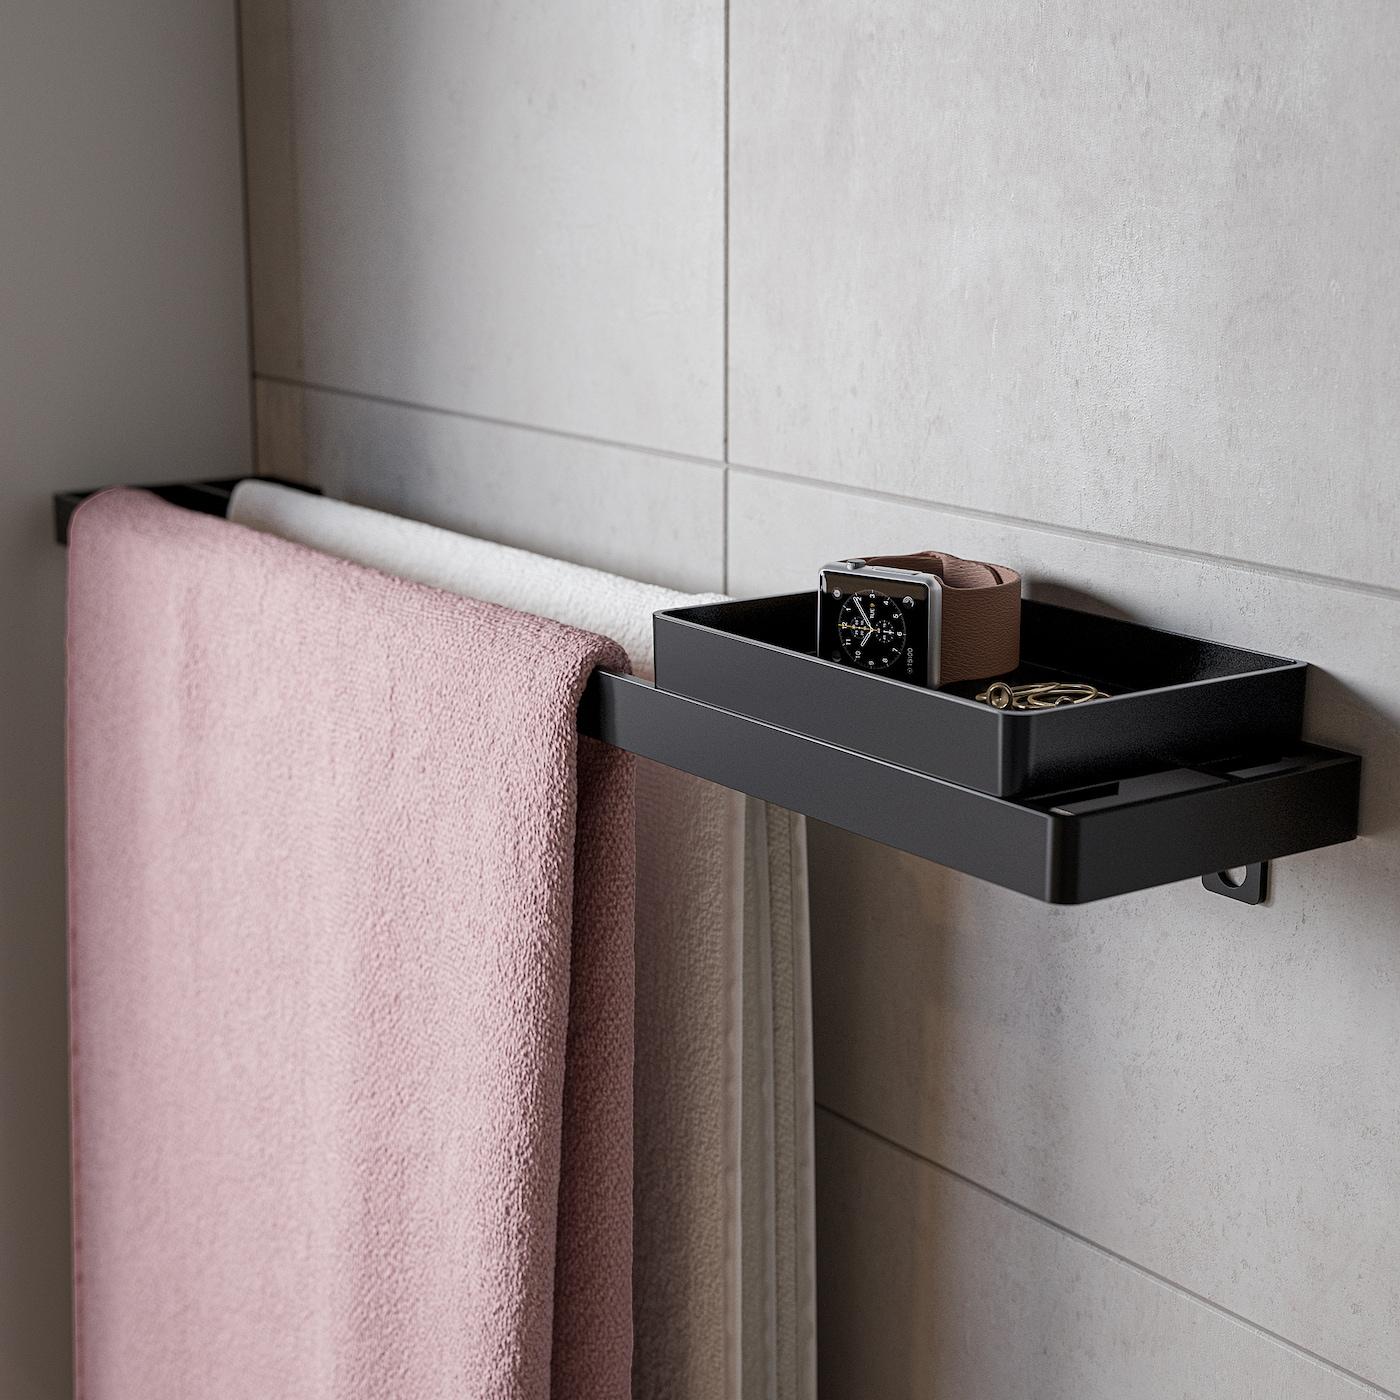 colore: Nero Vassoio per smalto da bagno impilabile 10 x 15 cm Ikea SKOGSVIKEN